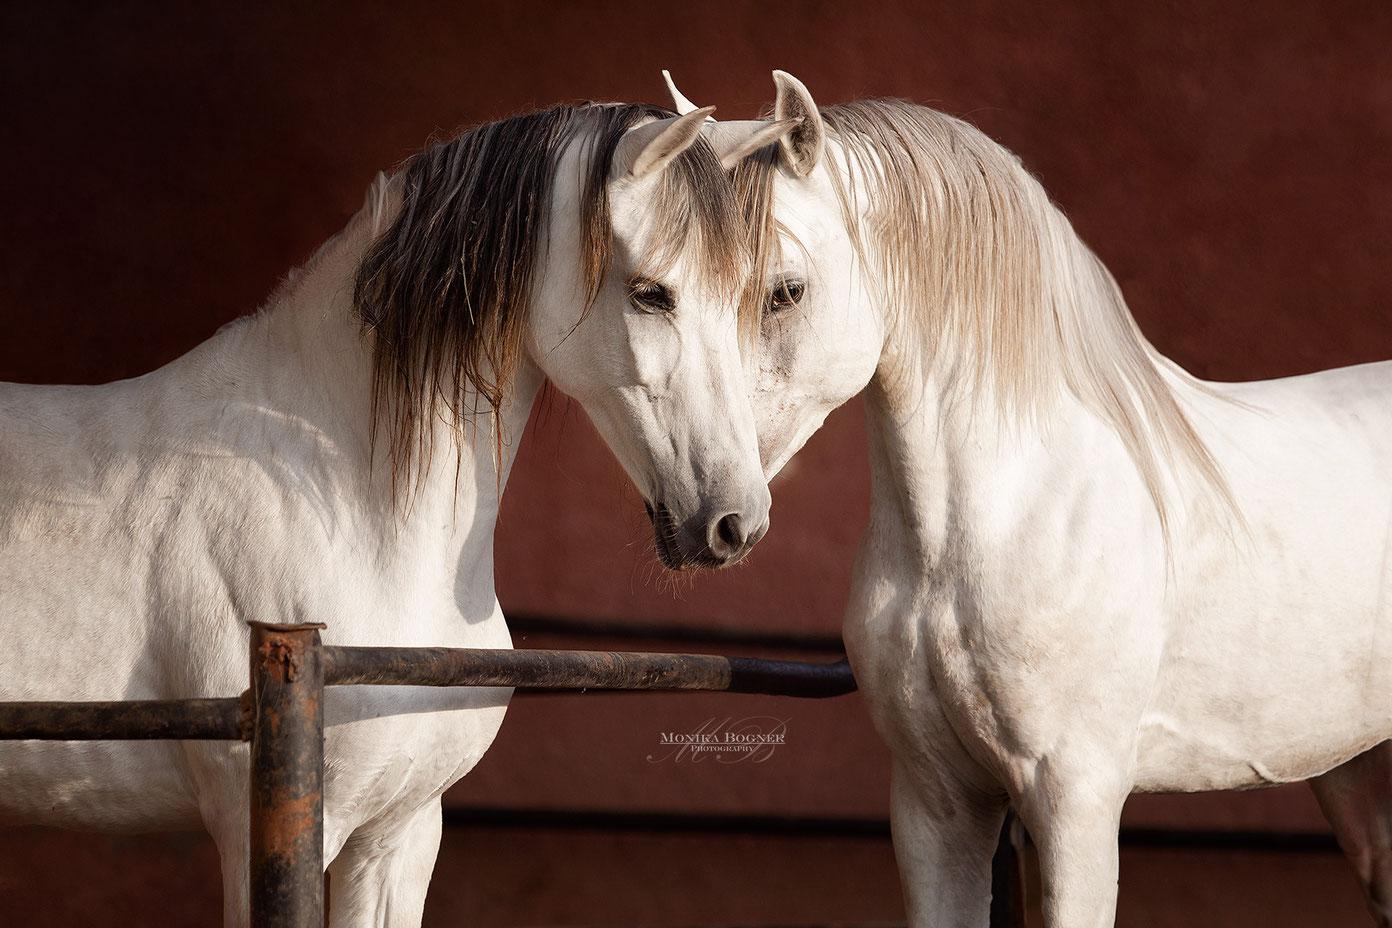 Pferdeshooting, zwei Araber, Hengst und Stute, Schimmel